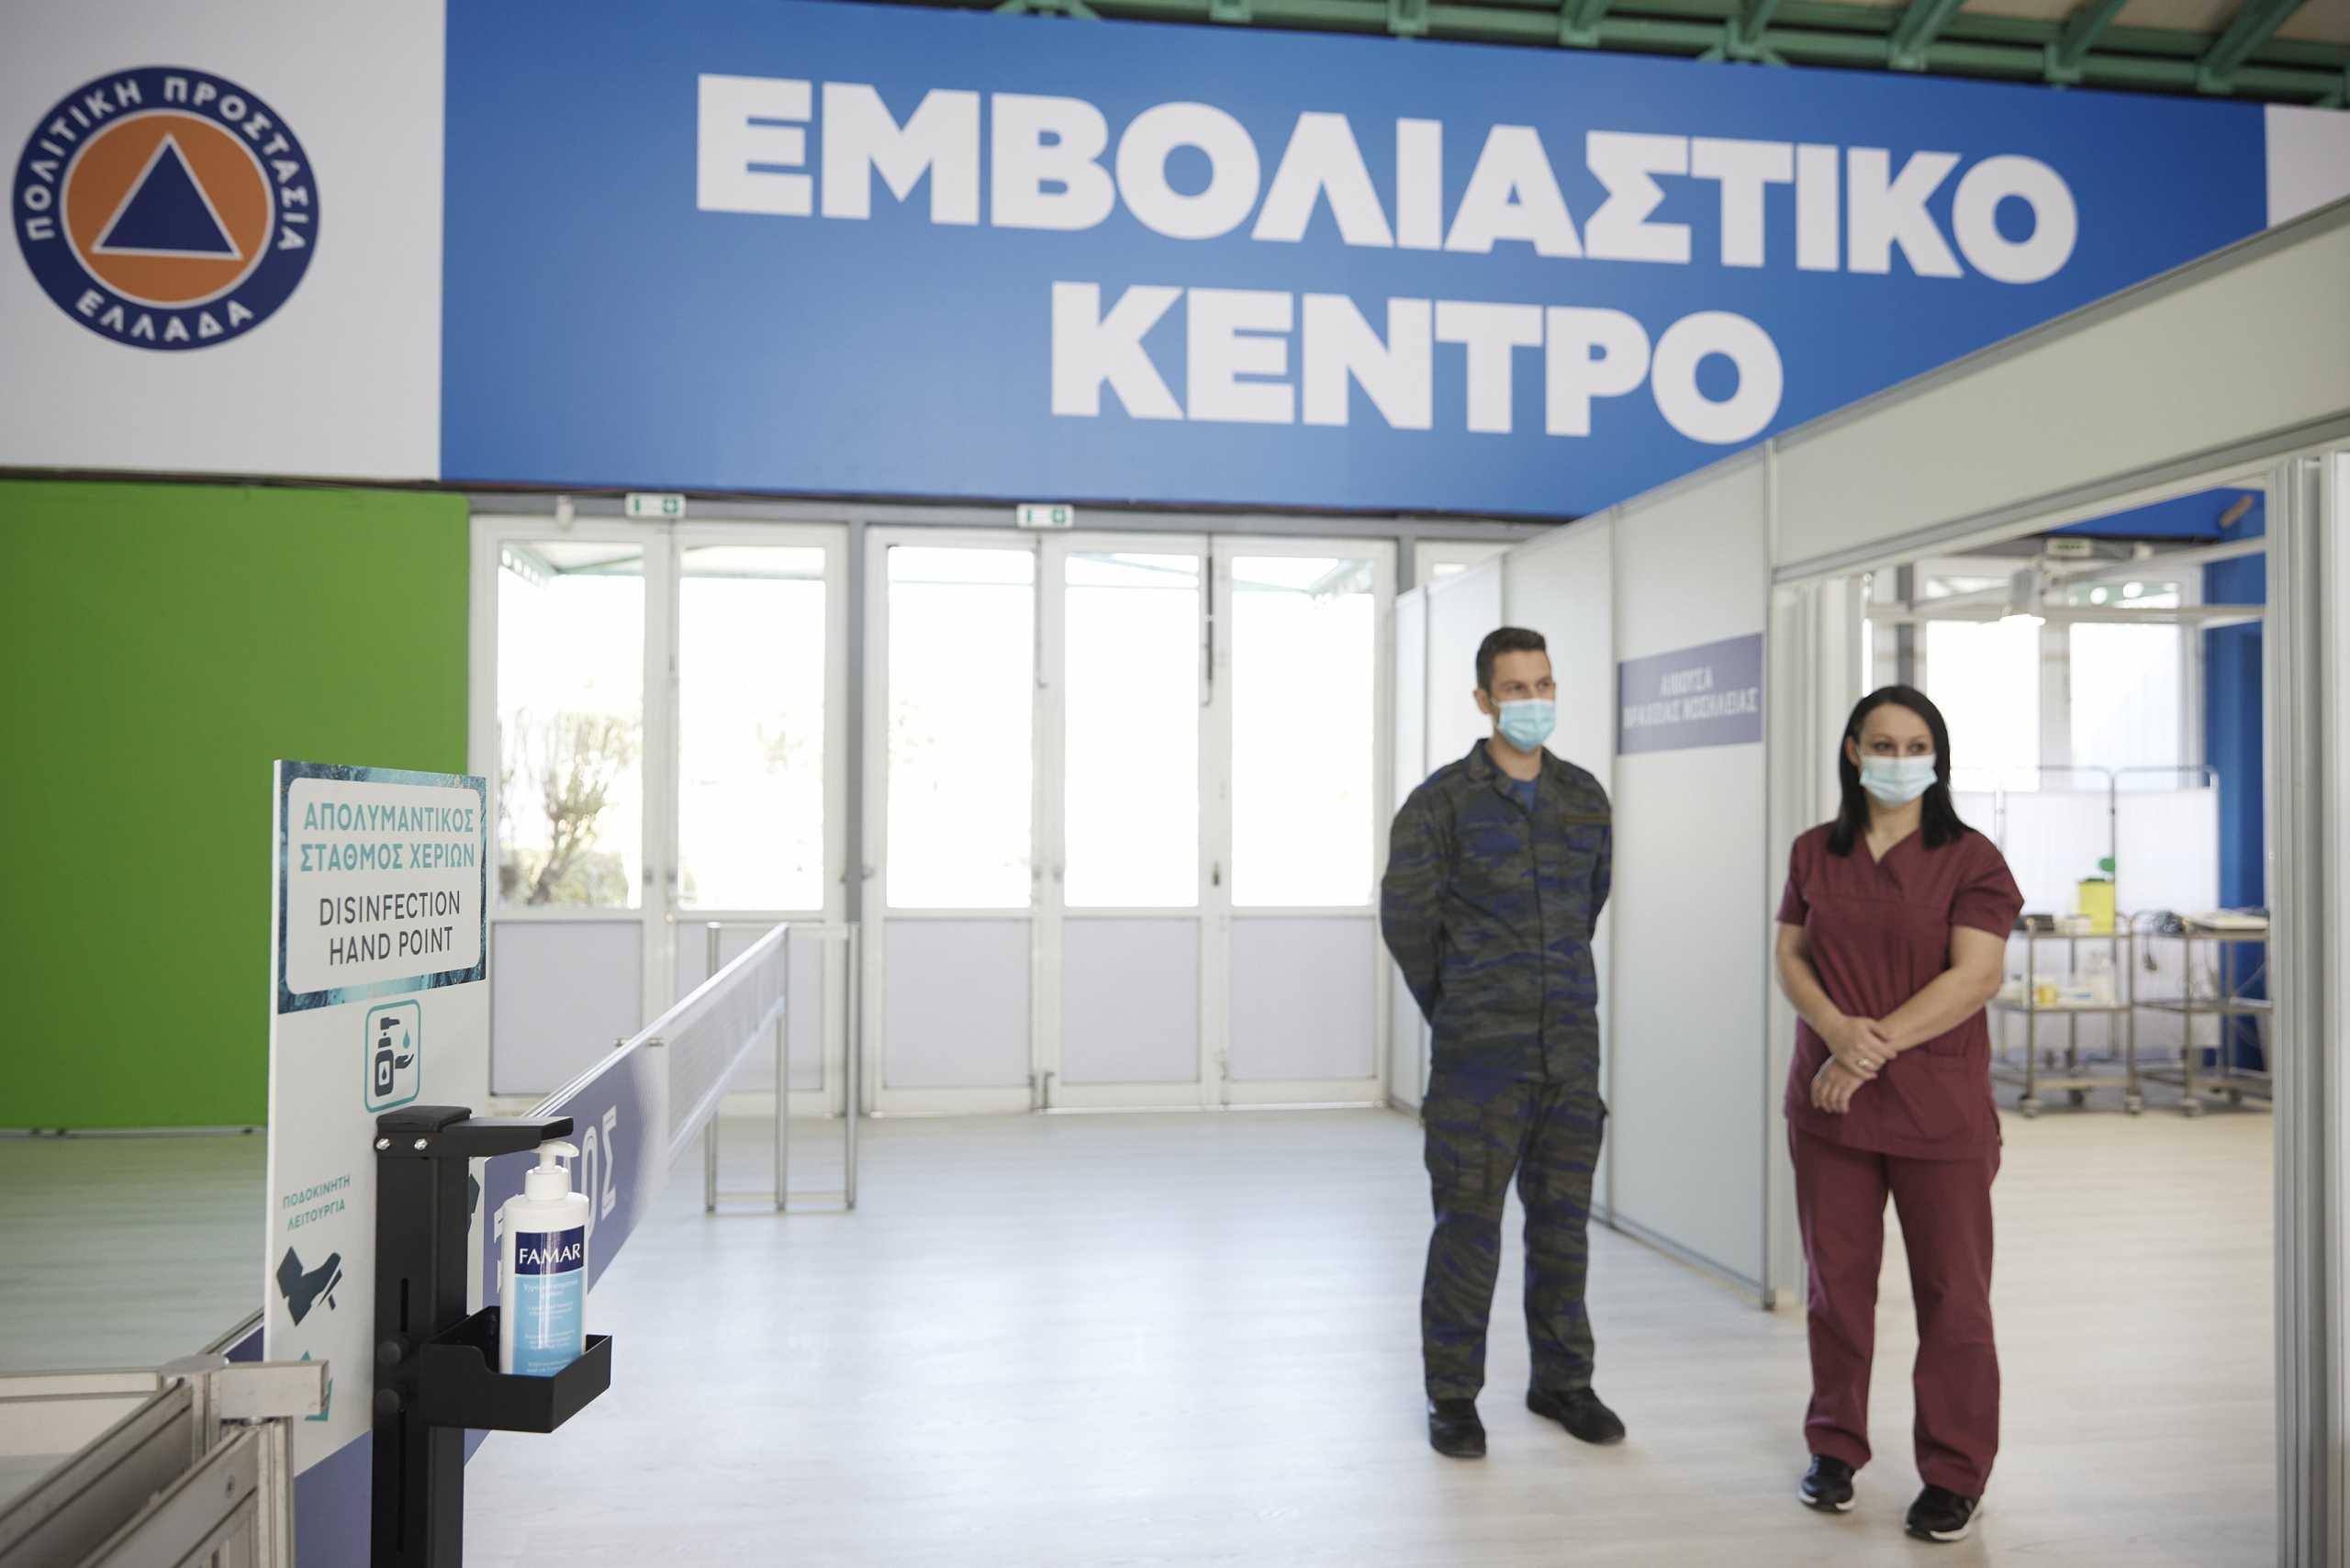 Αυτό είναι το MEGA Εμβολιαστικό Κέντρο στο Περιστέρι (pics)